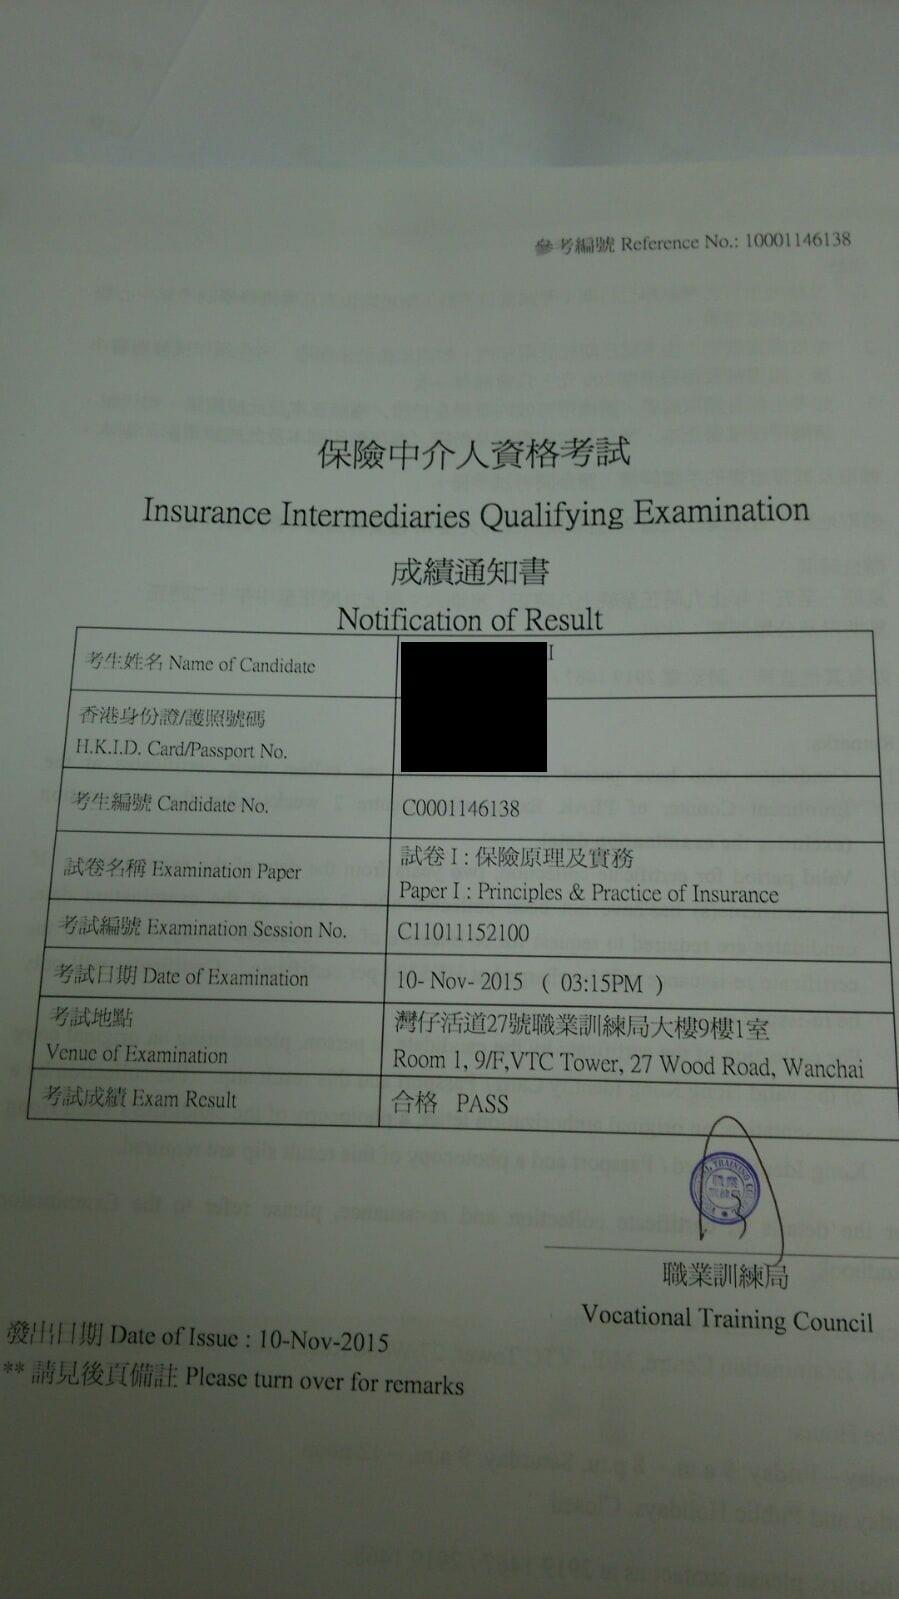 Waifaikwan 11/11/2015 IIQE Paper 1 保險中介人資格考試卷一 Pass